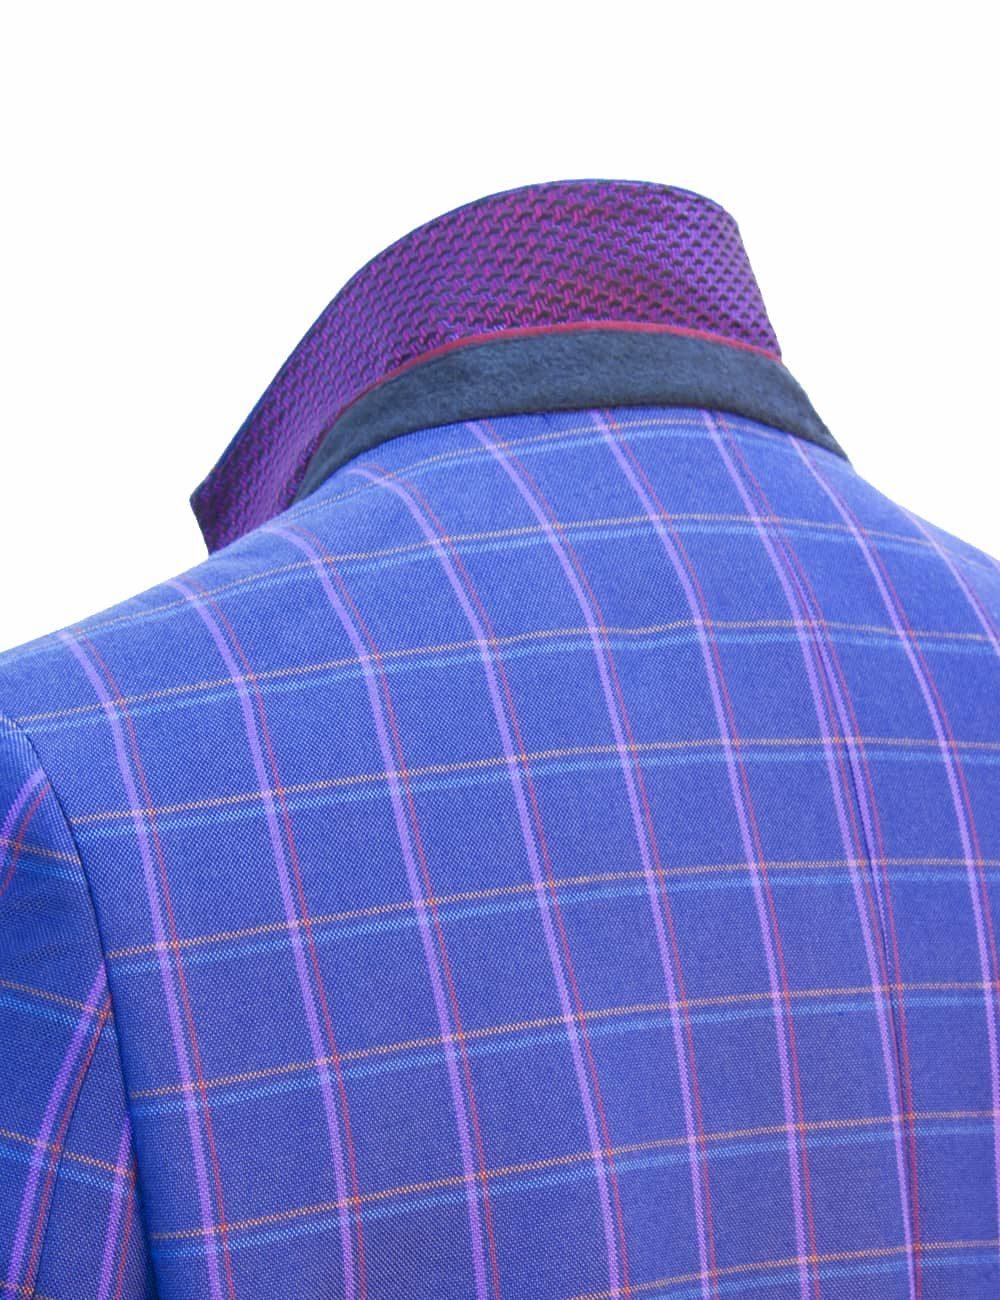 Slim Fit Ensign Blue Checks Blazer - S2B3.2